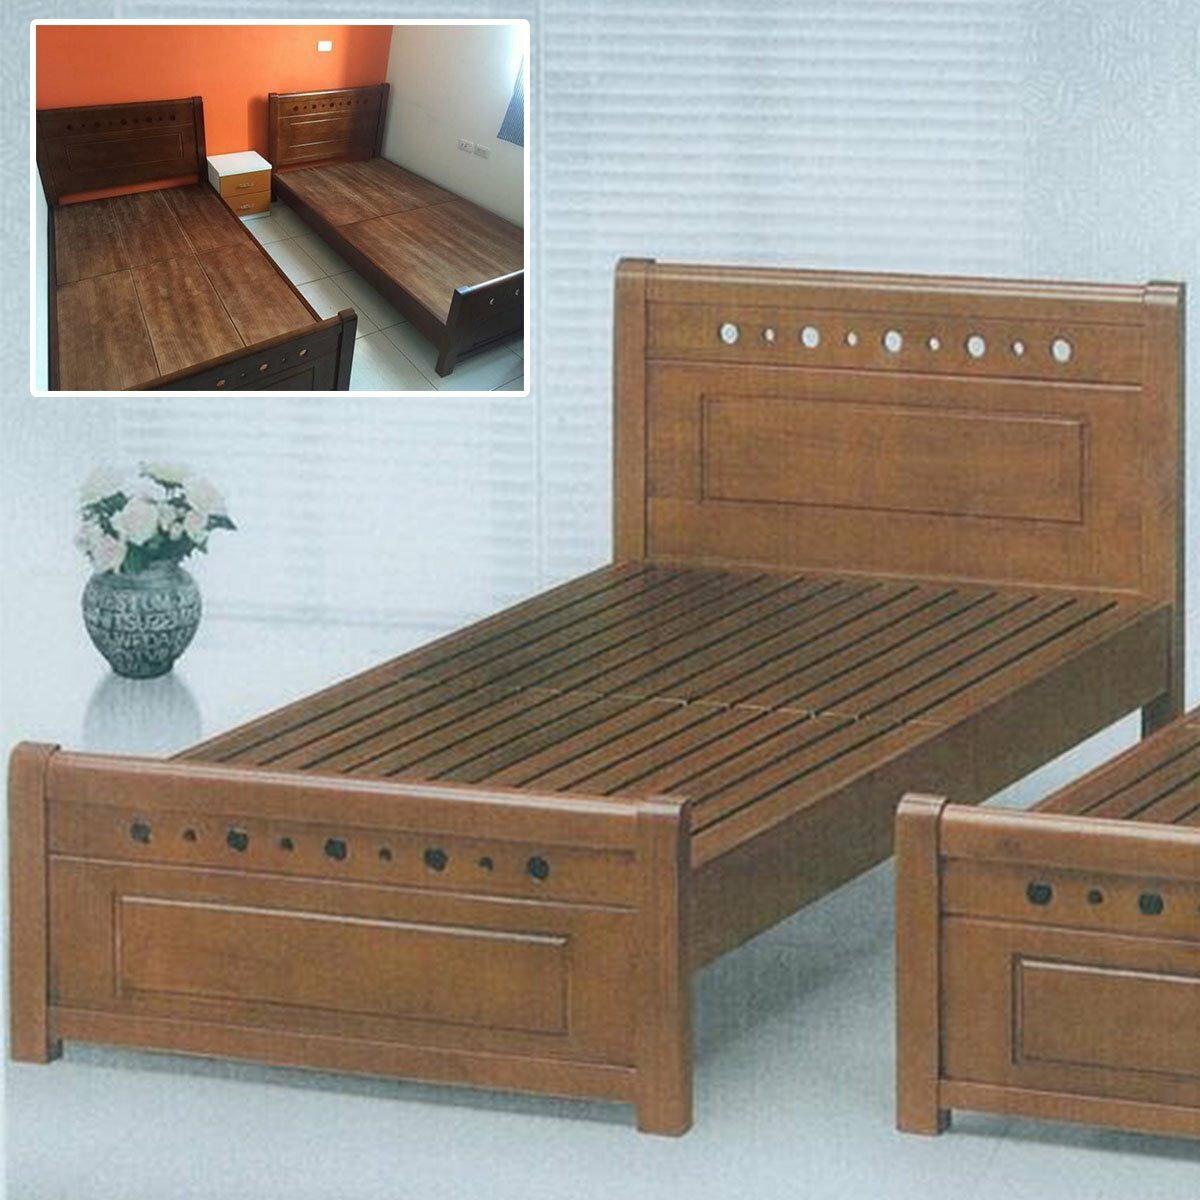 【石川家居】DA-11單人3.5尺實木床架 另有雙人5尺 雙人加大6尺 卡榫式 民宿可用 耐用 全實木